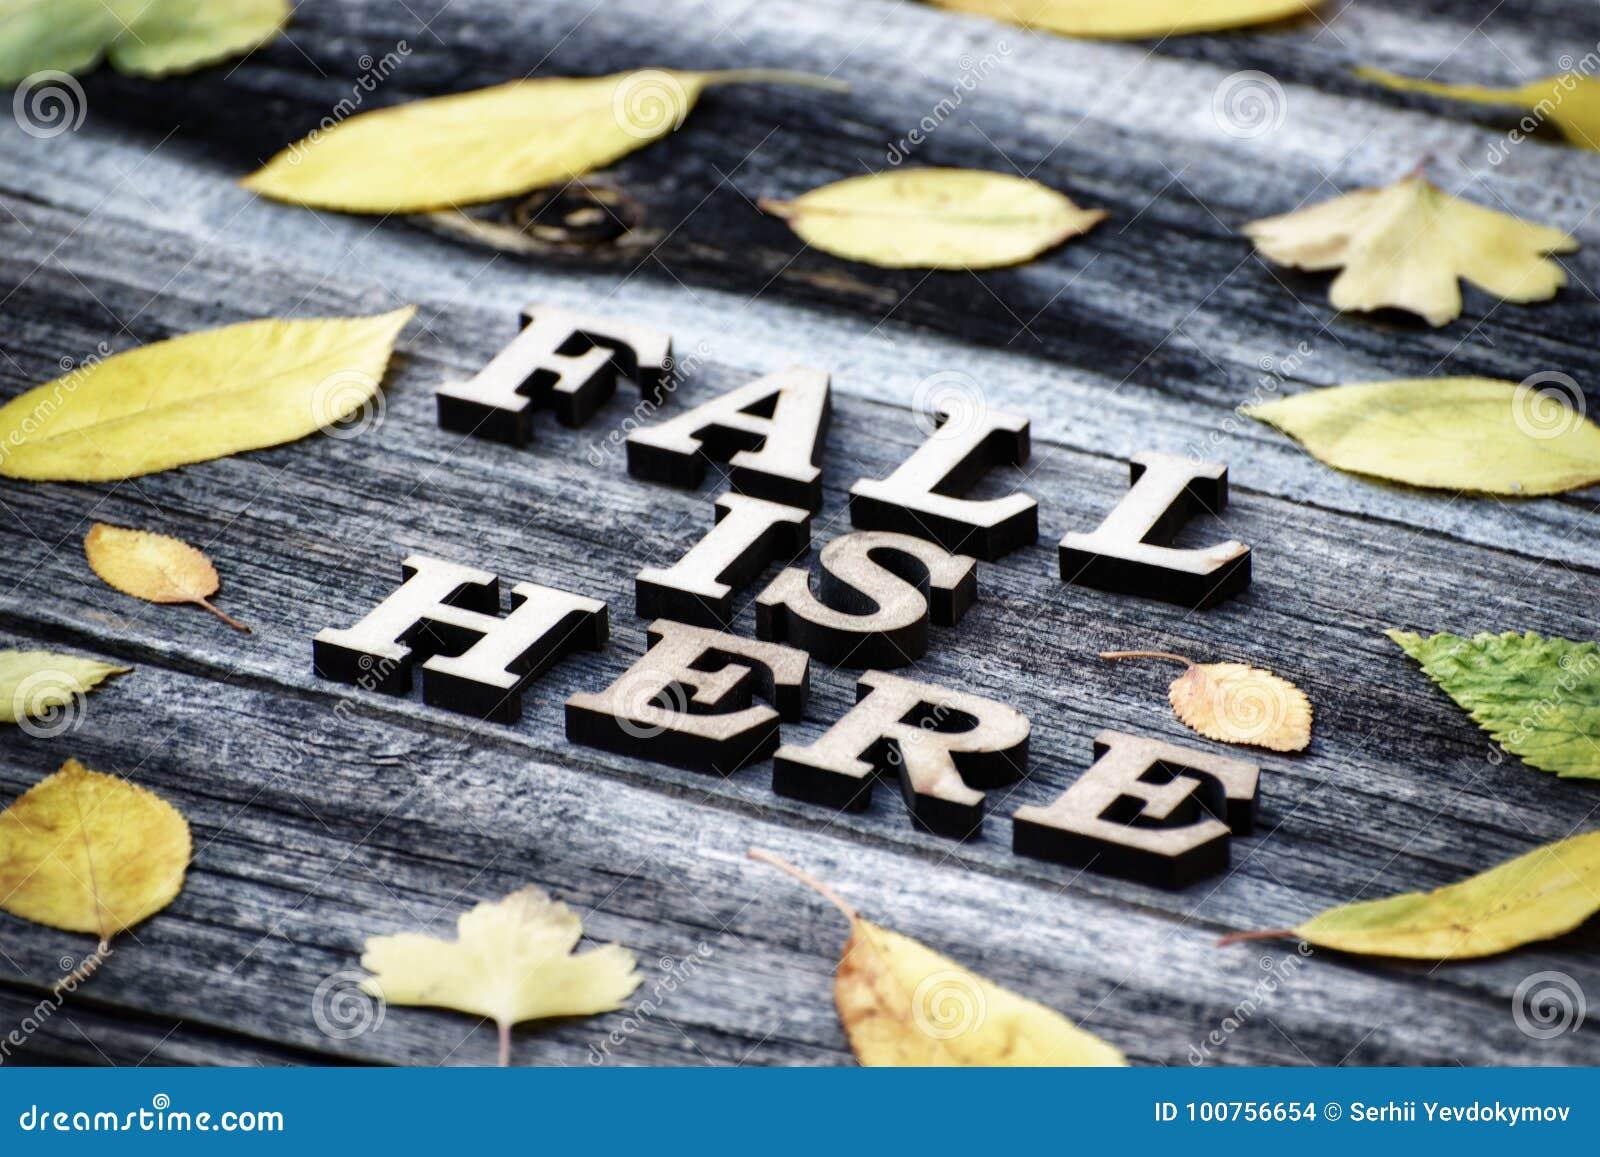 Inscription A queda está aqui, letras de madeira Quadro das folhas amarelas, fundo de madeira